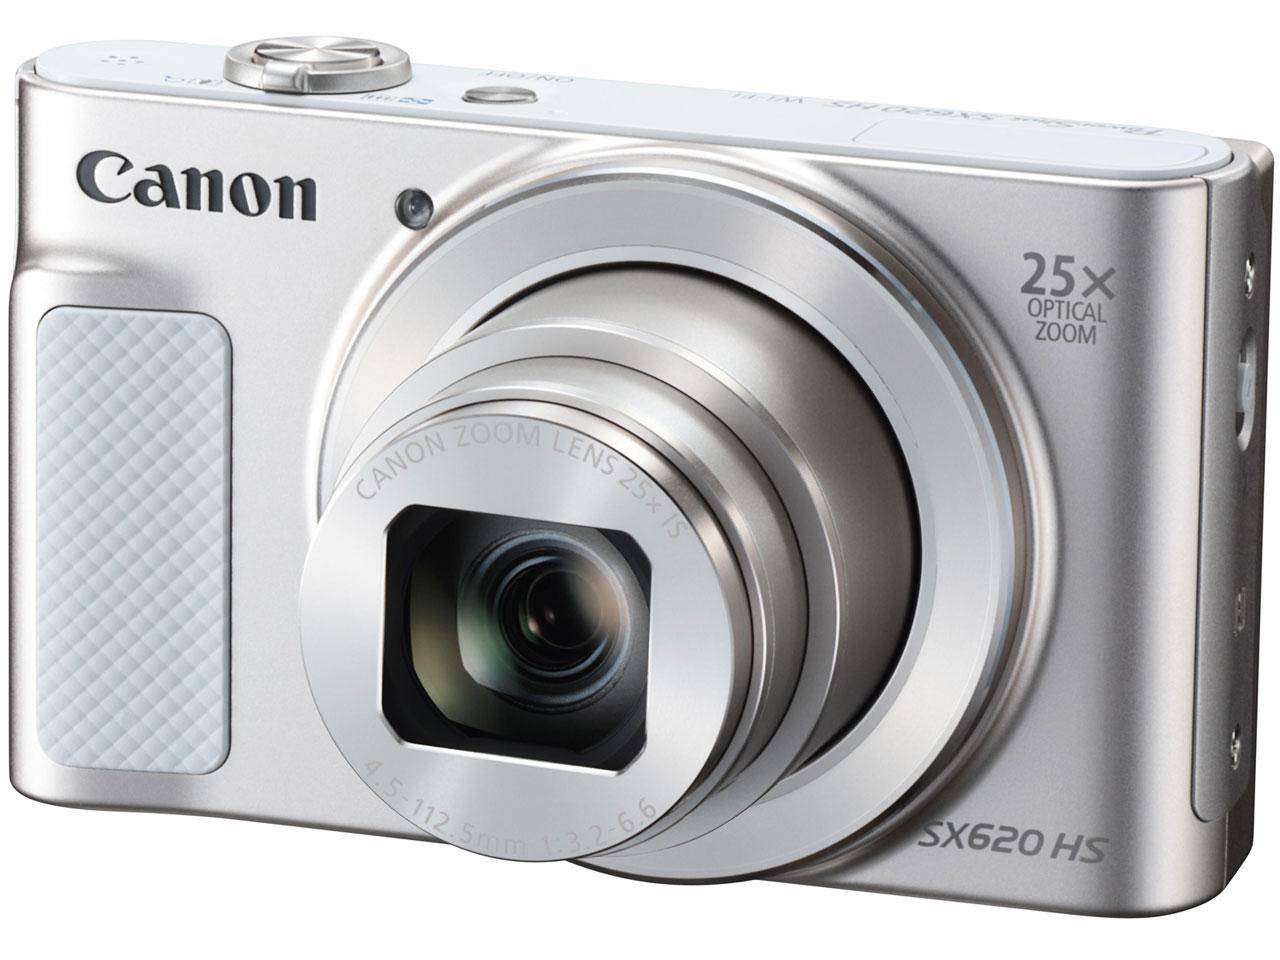 CANON デジタルカメラ PowerShot SX620 HS /WH [ホワイト]